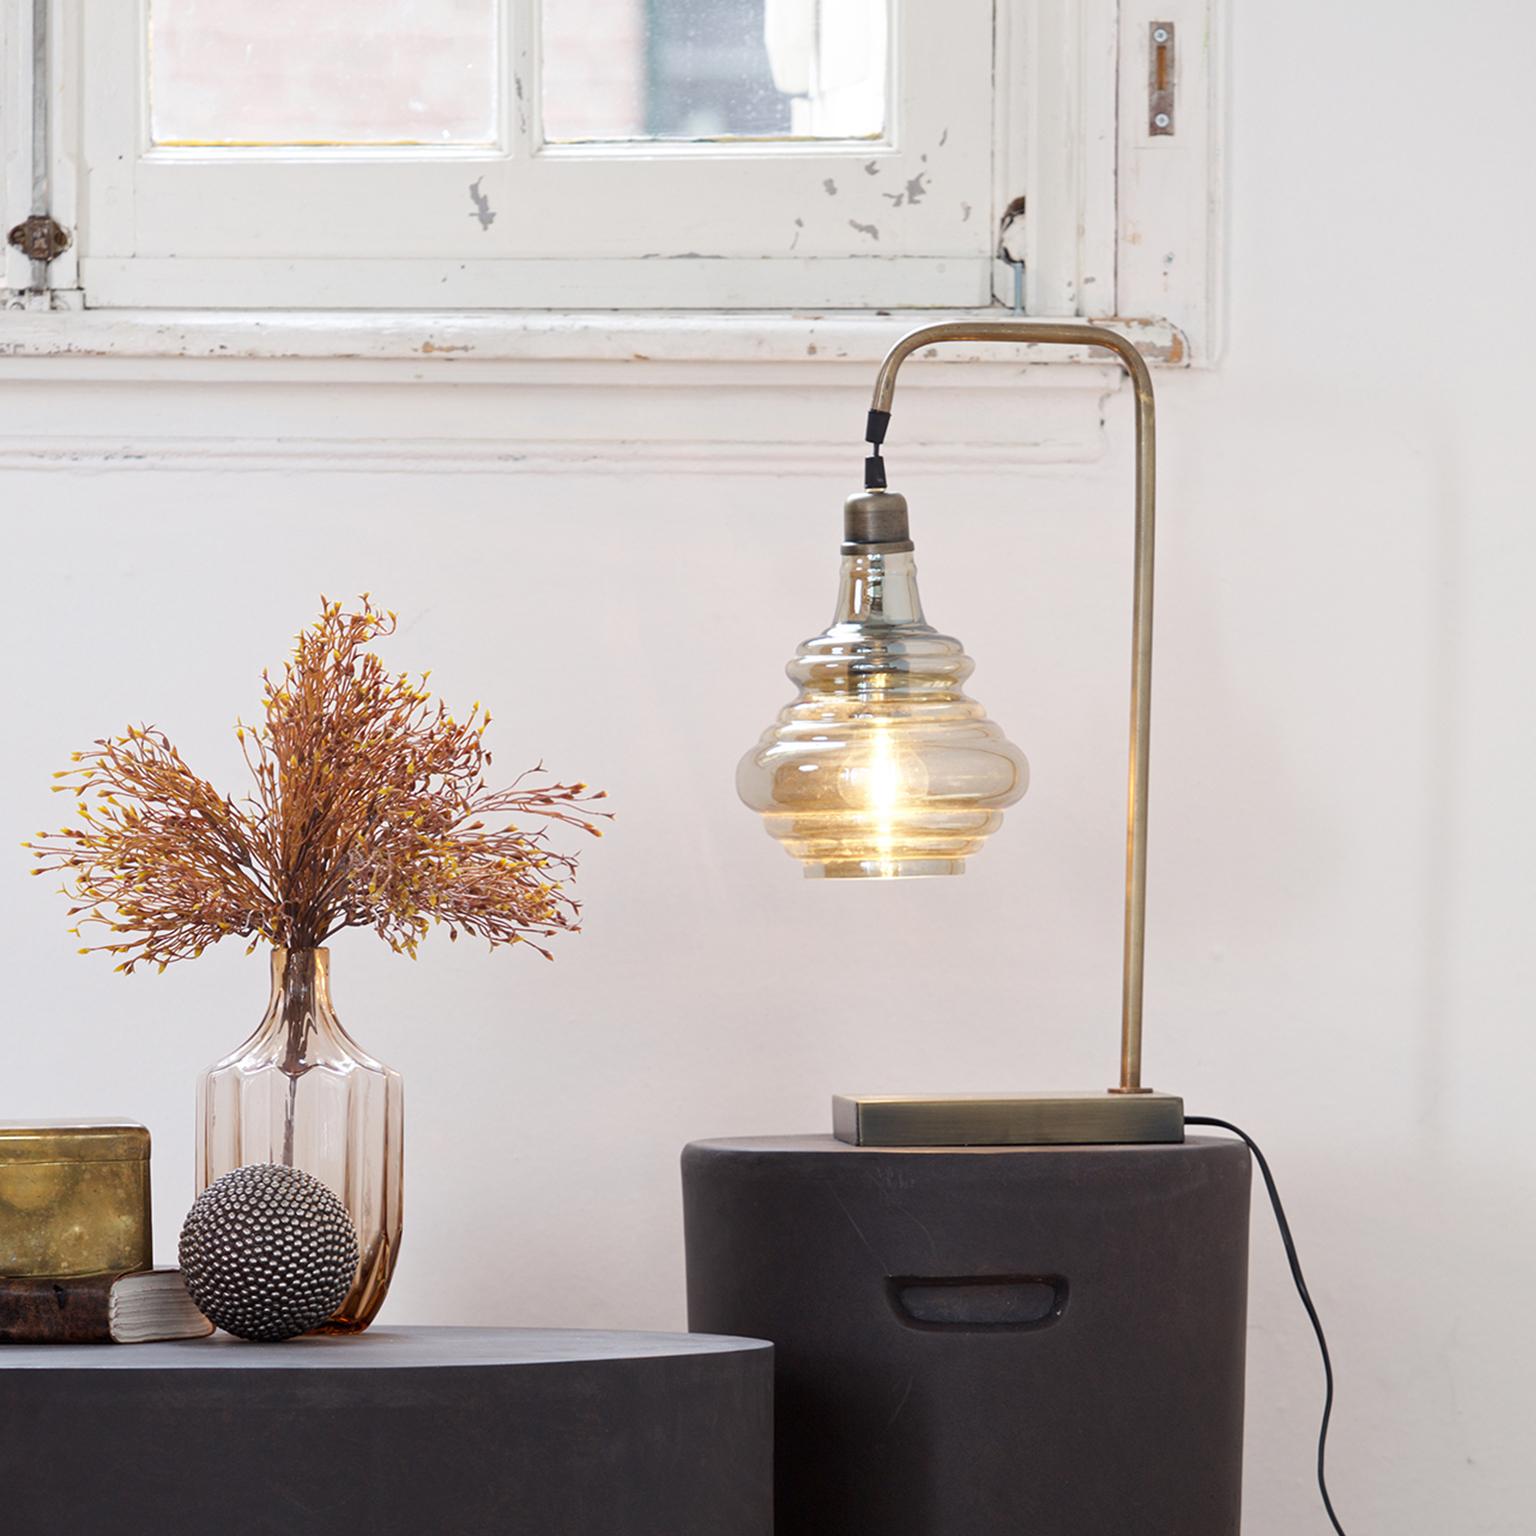 BePureHome Tafellamp 'Obvious', kleur Antique Brass Verlichting | Tafellampen kopen